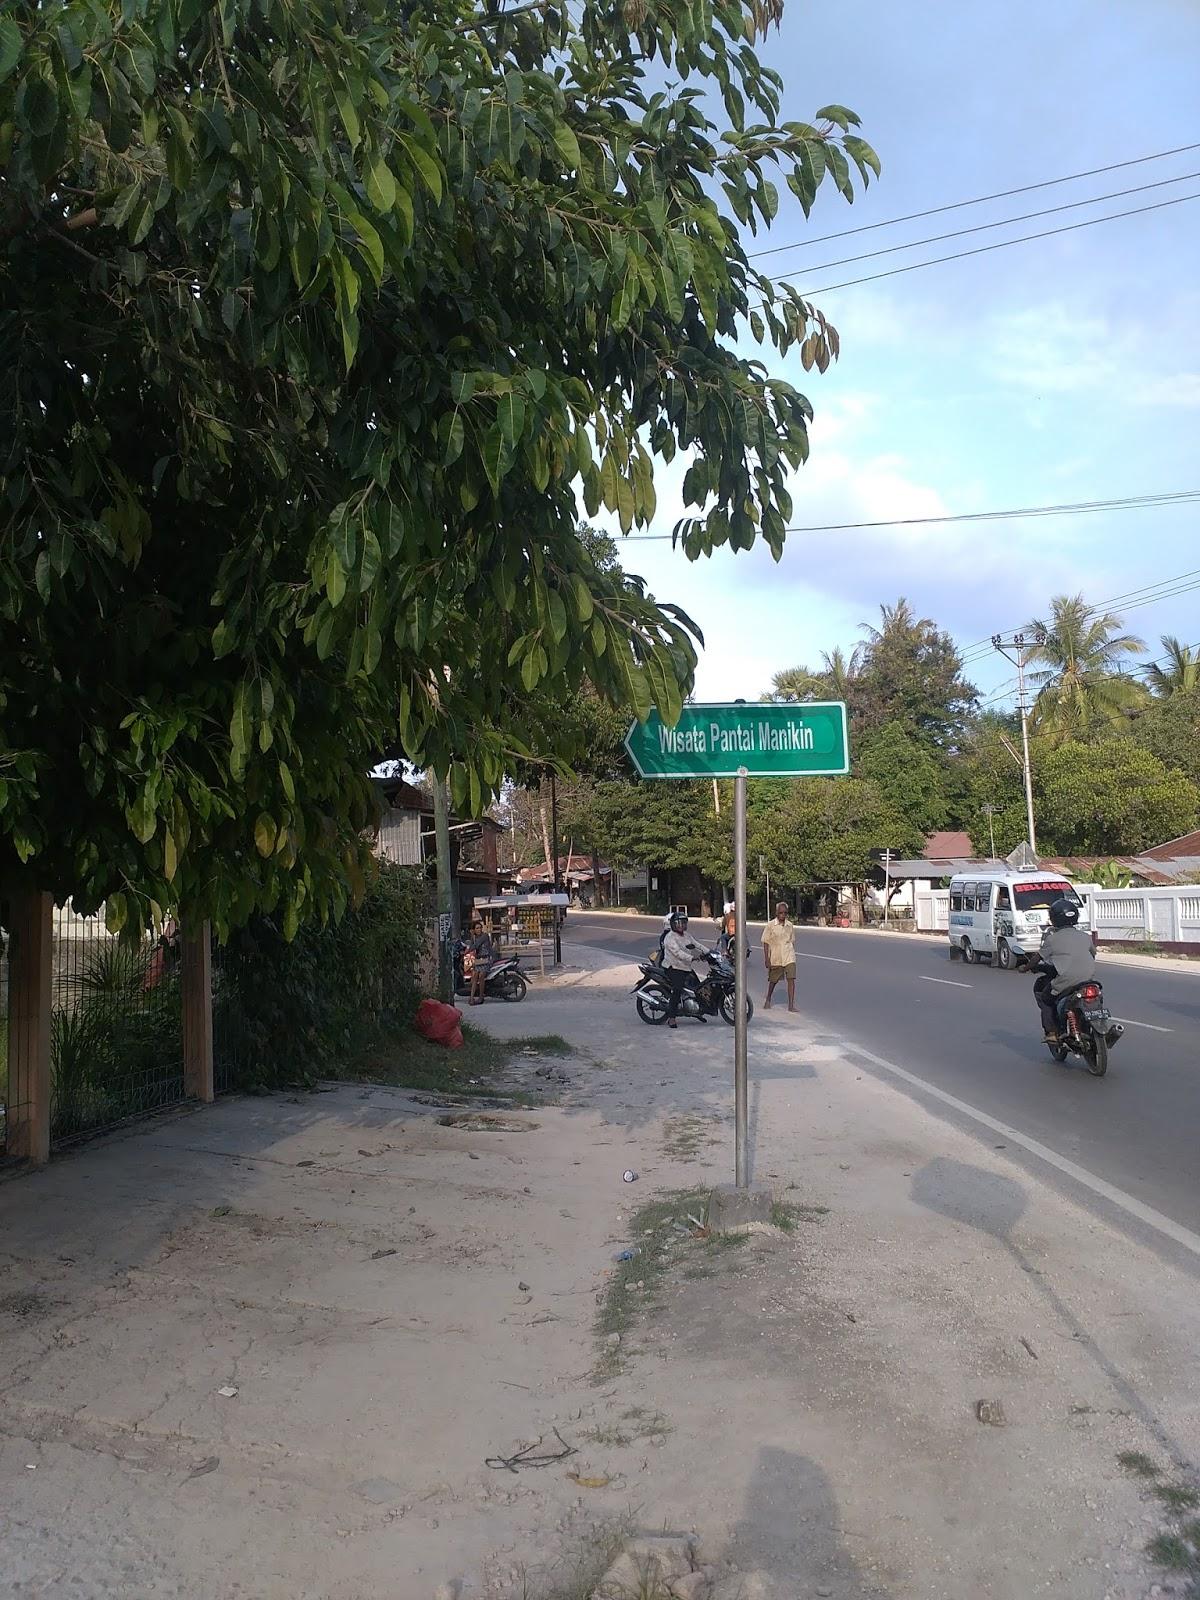 Pantai Manikin Lasiana Batu Nona Setiawan Mangando Gerbang Perbatasan Kota